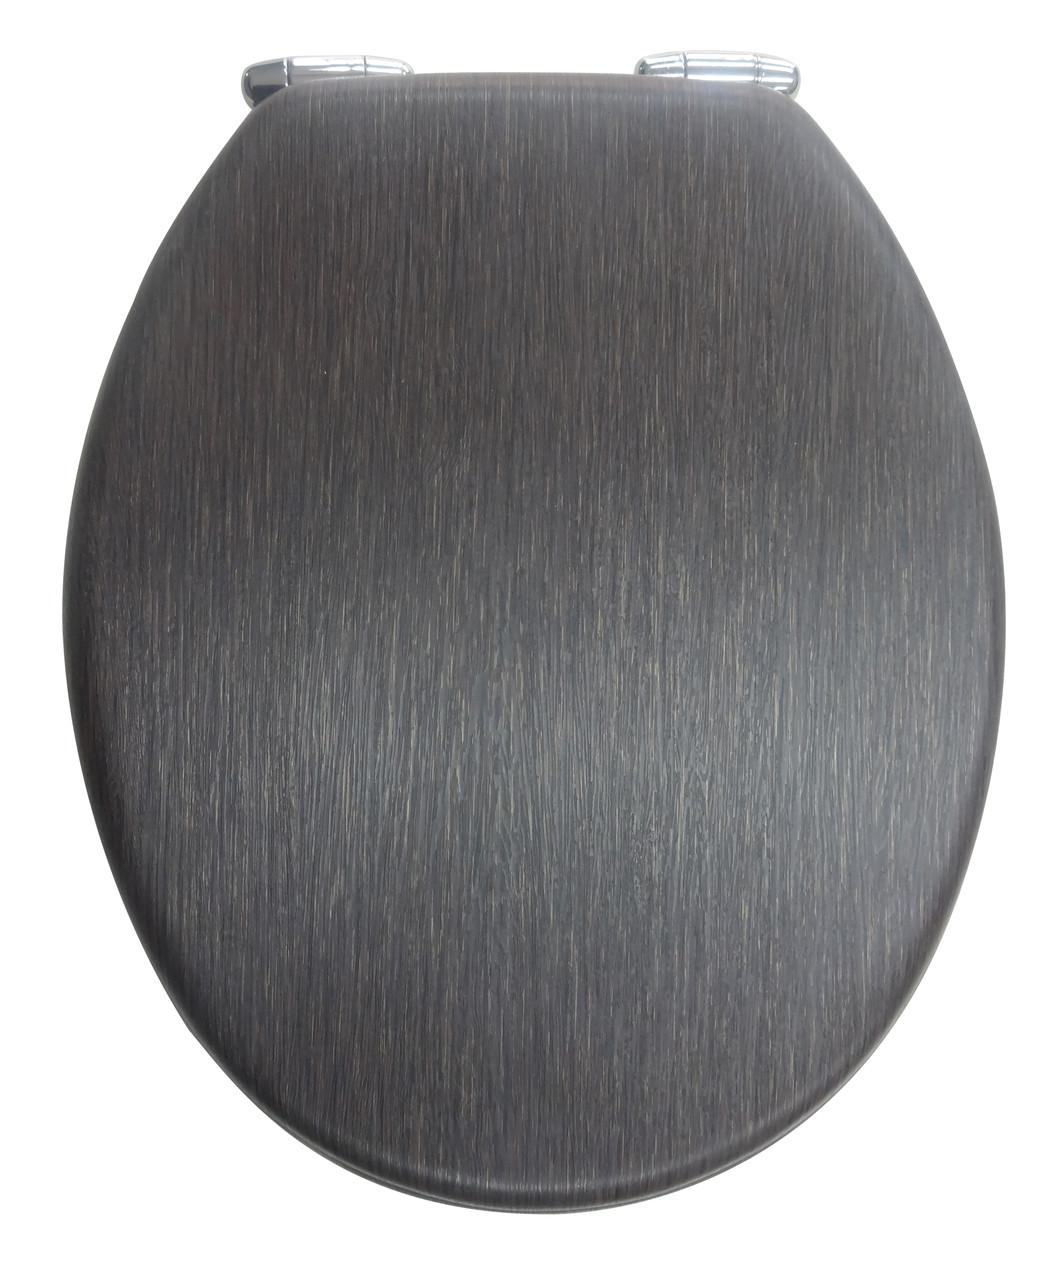 Крышка для унитаза темно коричневая с микролифтом Venge AWD02181098